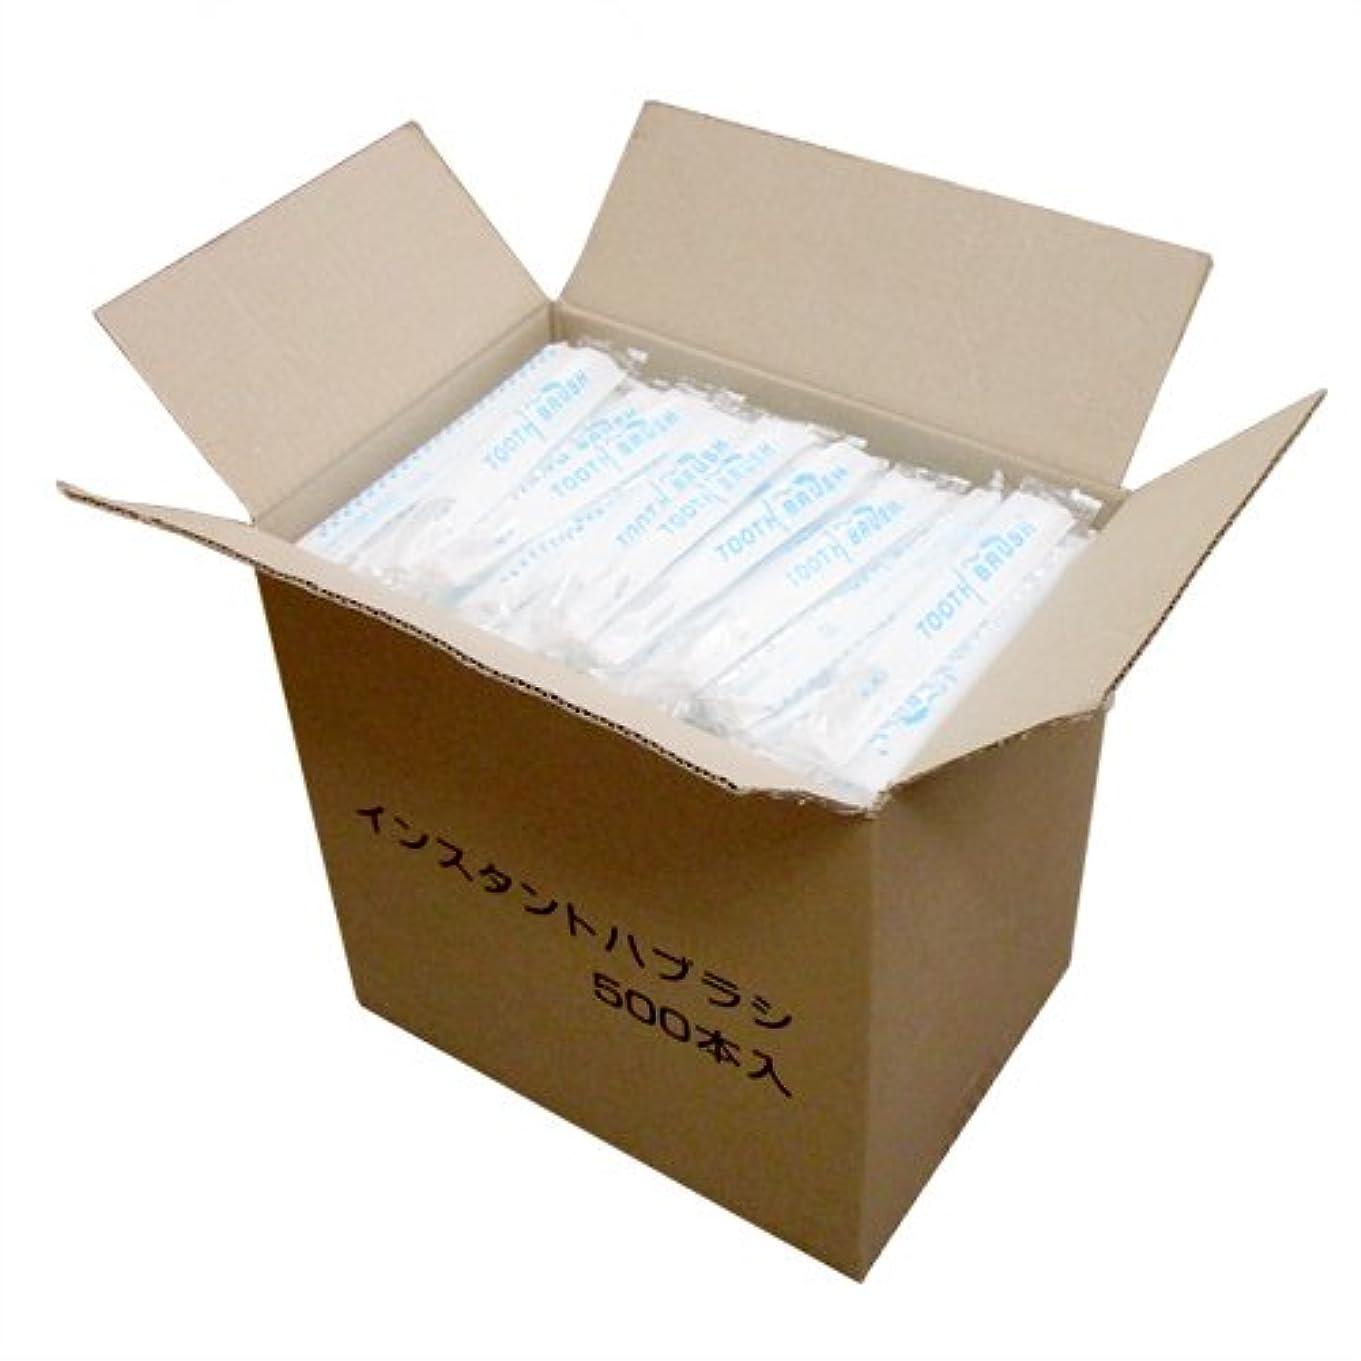 前方へ明快所属業務用 日本製 使い捨て粉付き歯ブラシ 個包装タイプ 500本入×8箱 (4000本入)│ホテルアメニティ